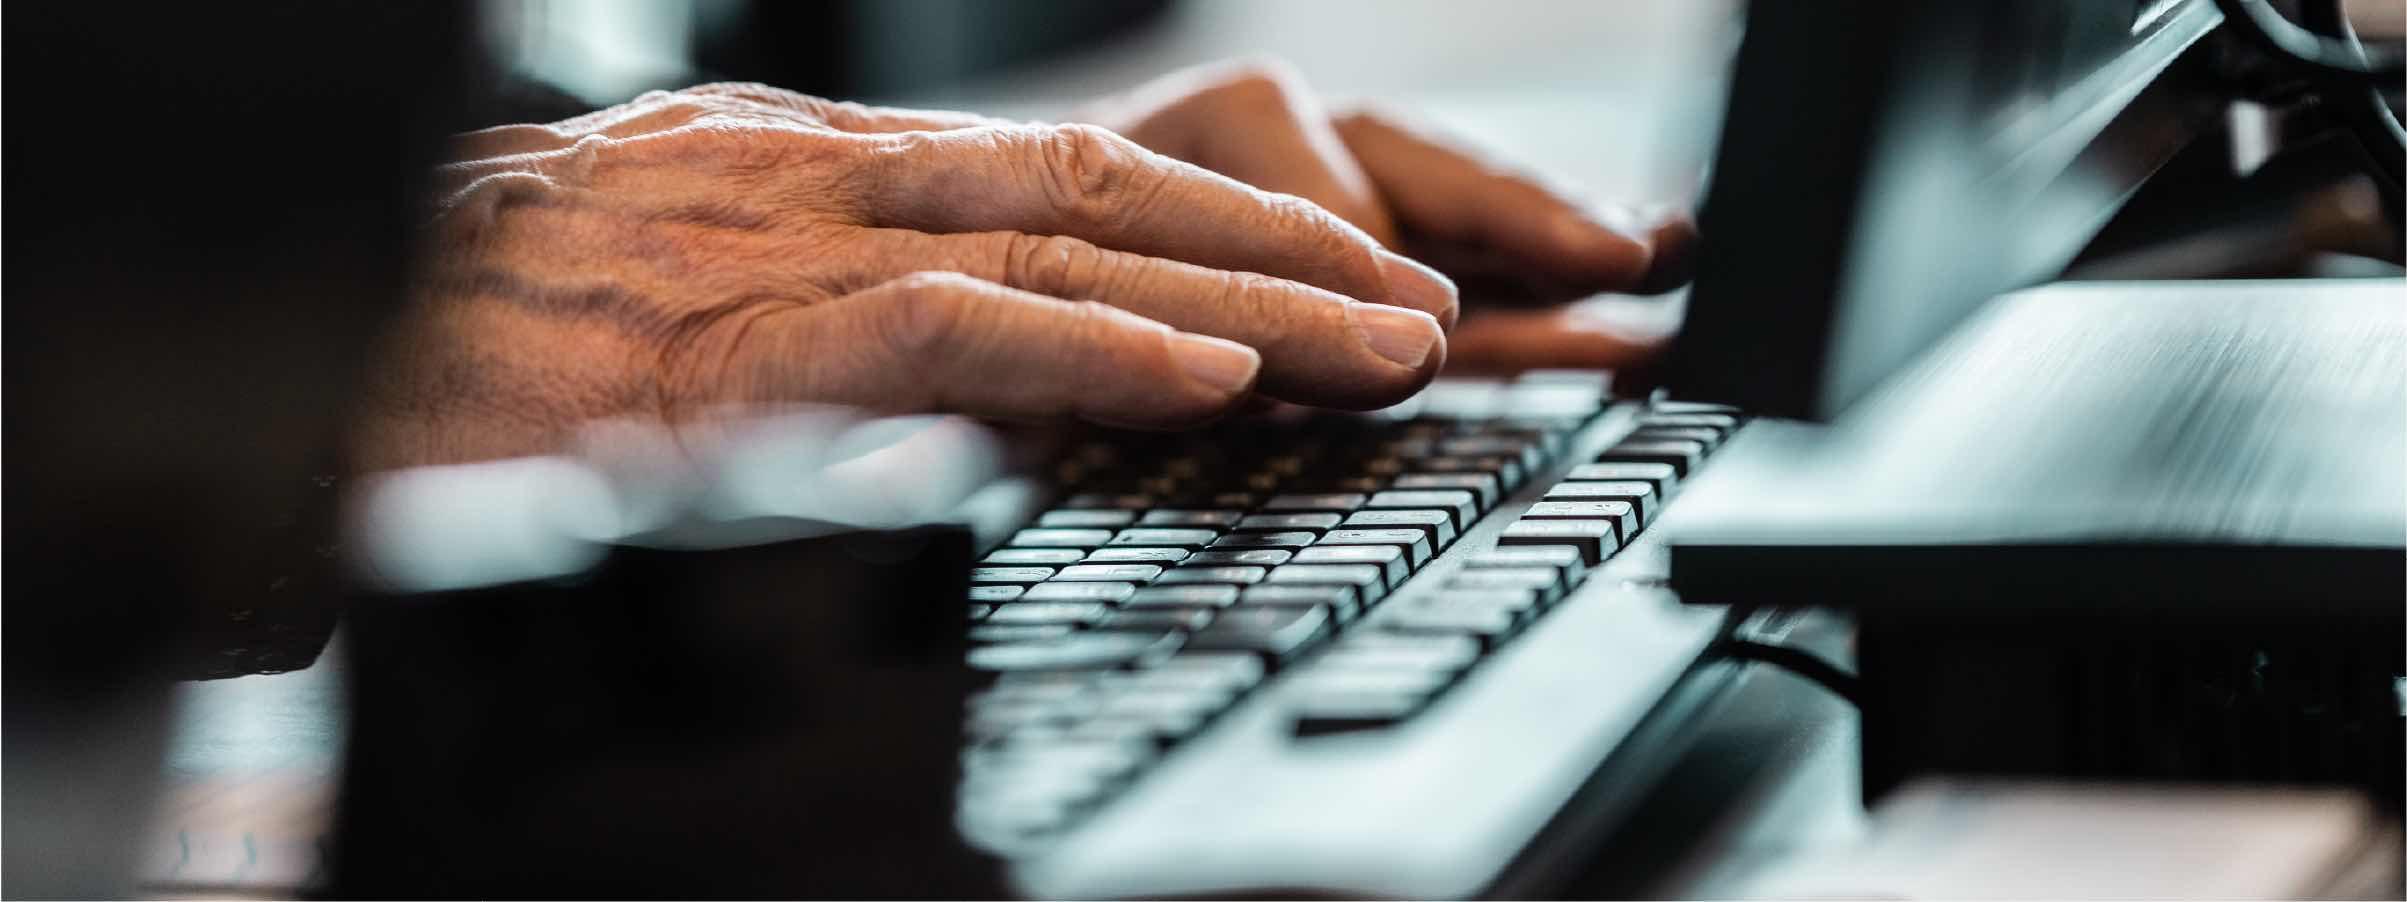 Styrk jeres kunderelationer med indhentning af e-mail permissions. Effektiv indhentning af e-mail permissions hjælper jeres virksomhed med, at levere det rette indhold til jeres målgruppe, og samtidig have styr på reglerne.